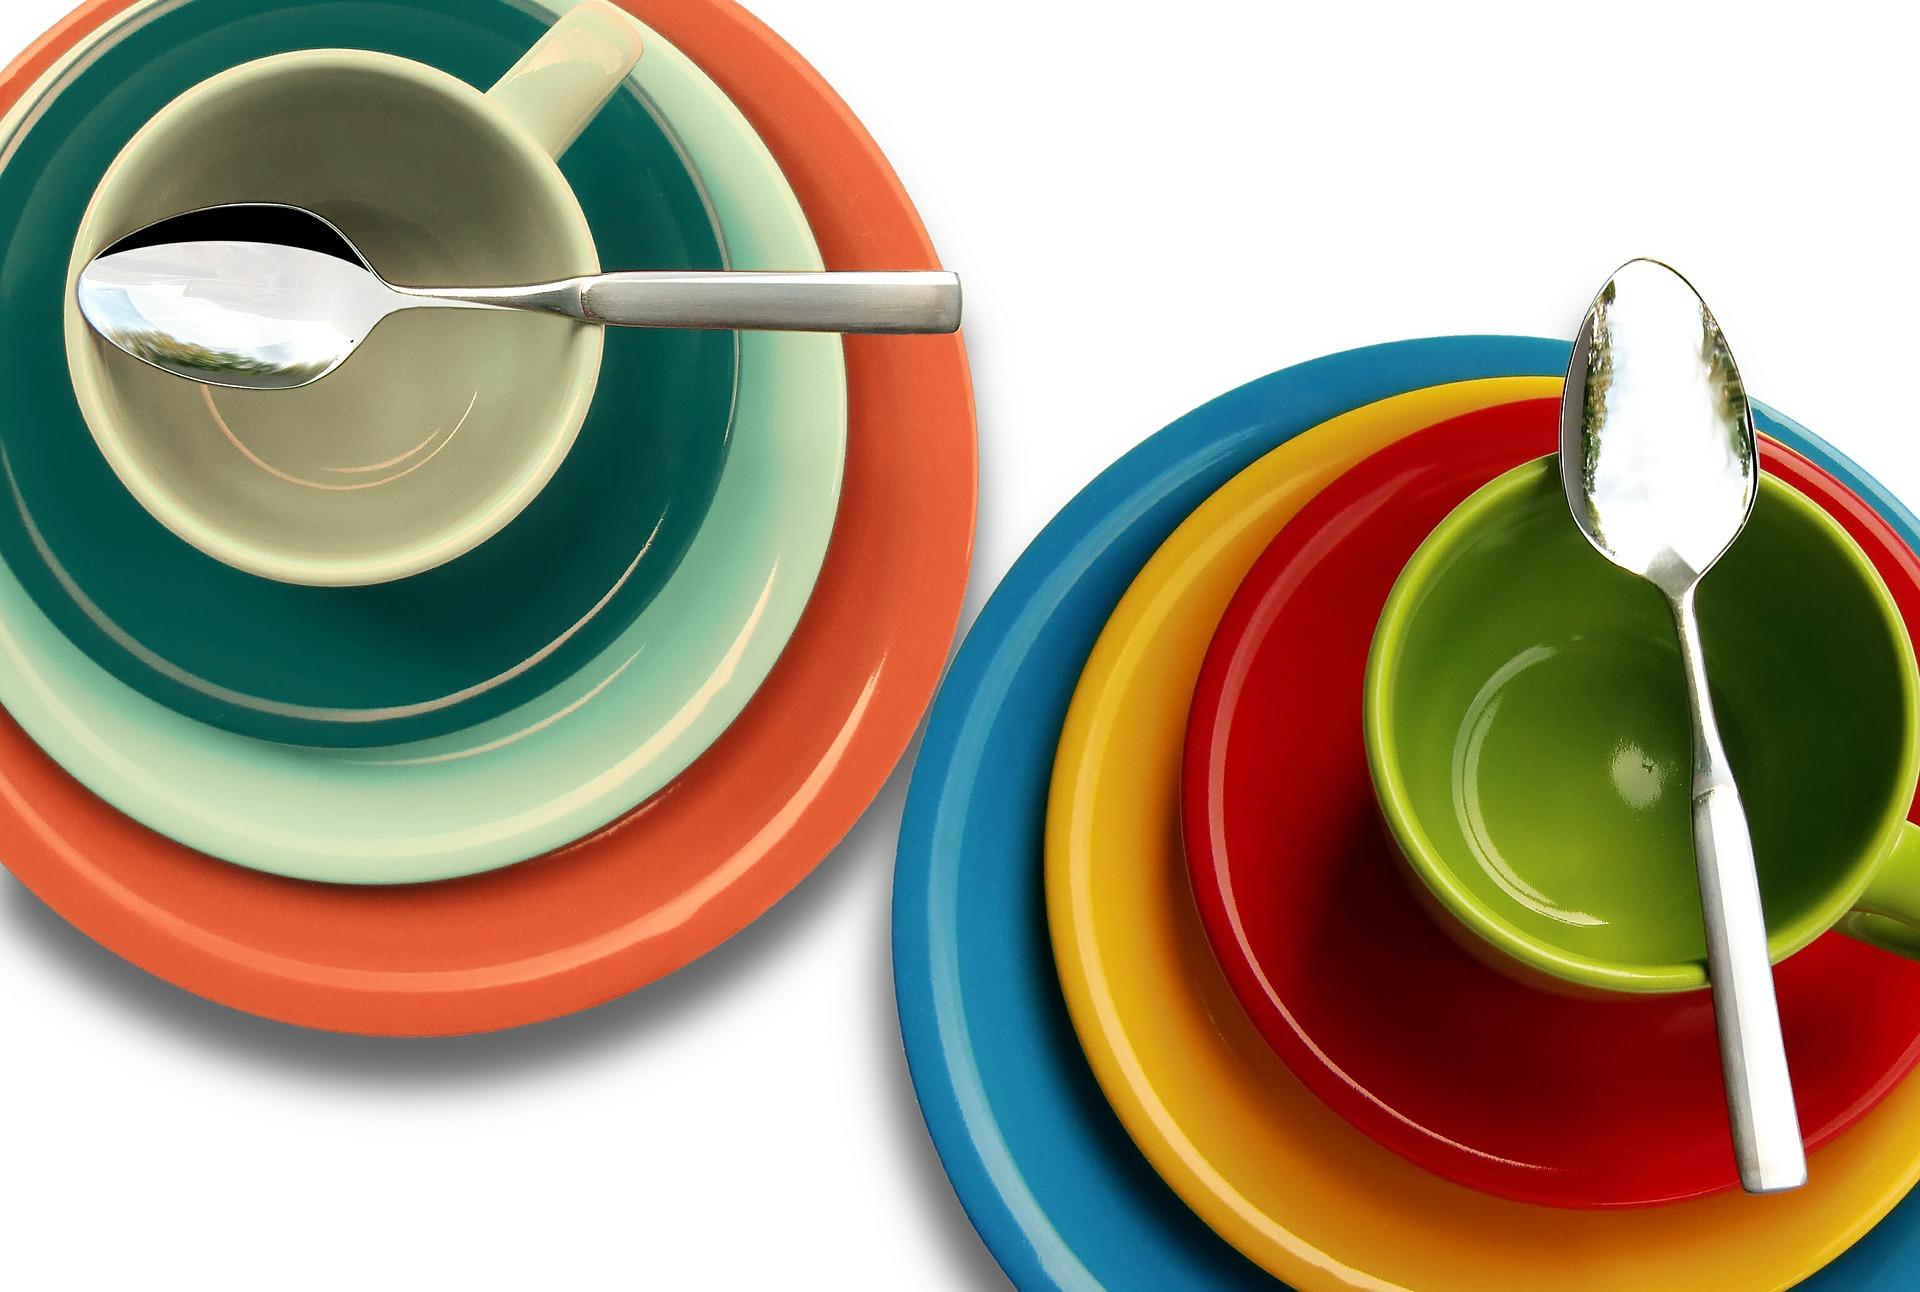 軽い!割れない!「コレール」のお皿の魅力を改めて紹介する!!